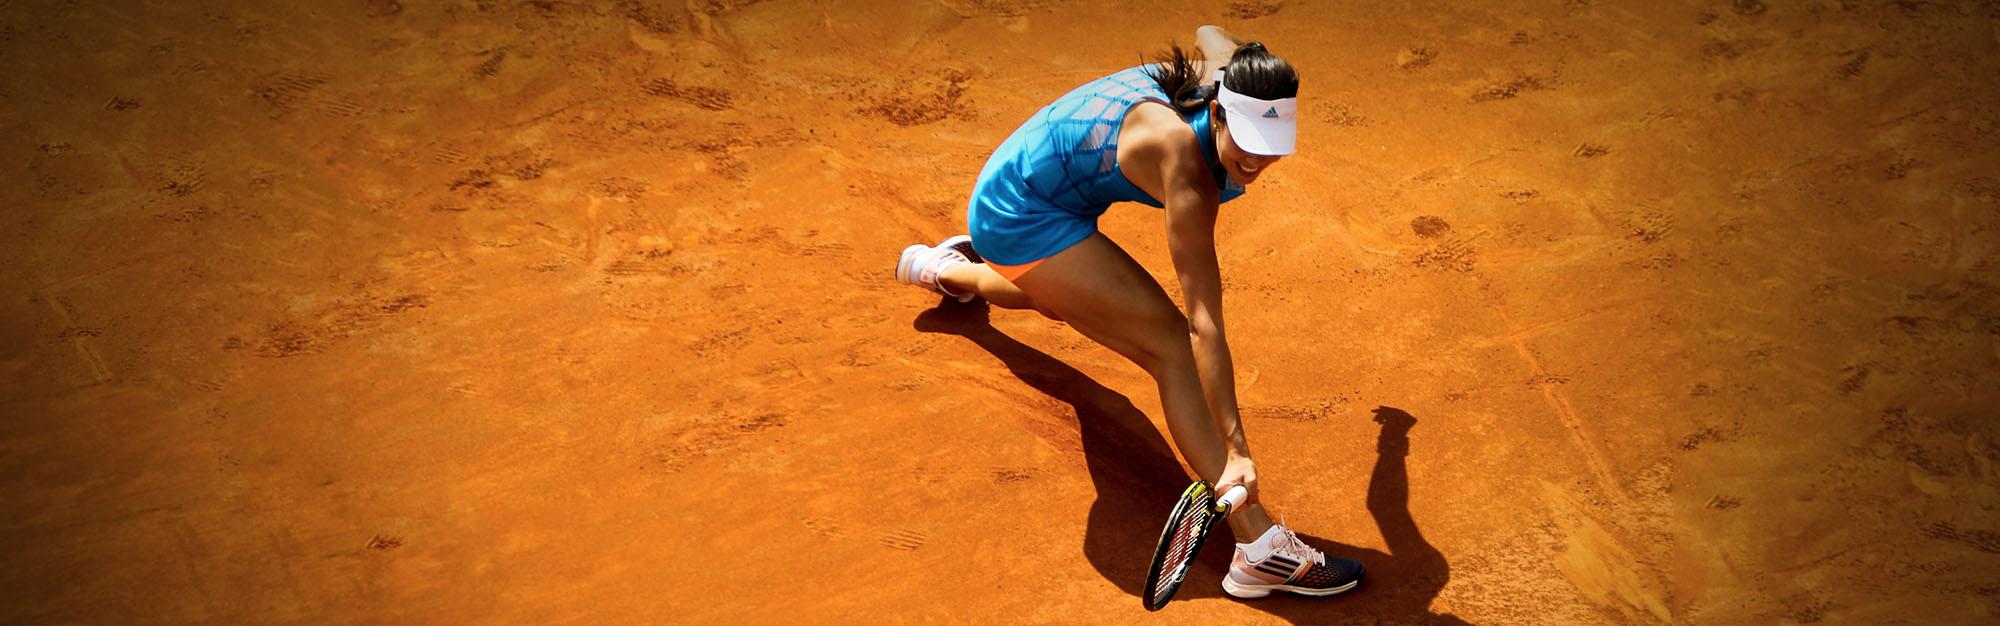 Interazione, divertimento e contenuti su misura: IQUII firma la nuova versione di BNL Tennis Academy